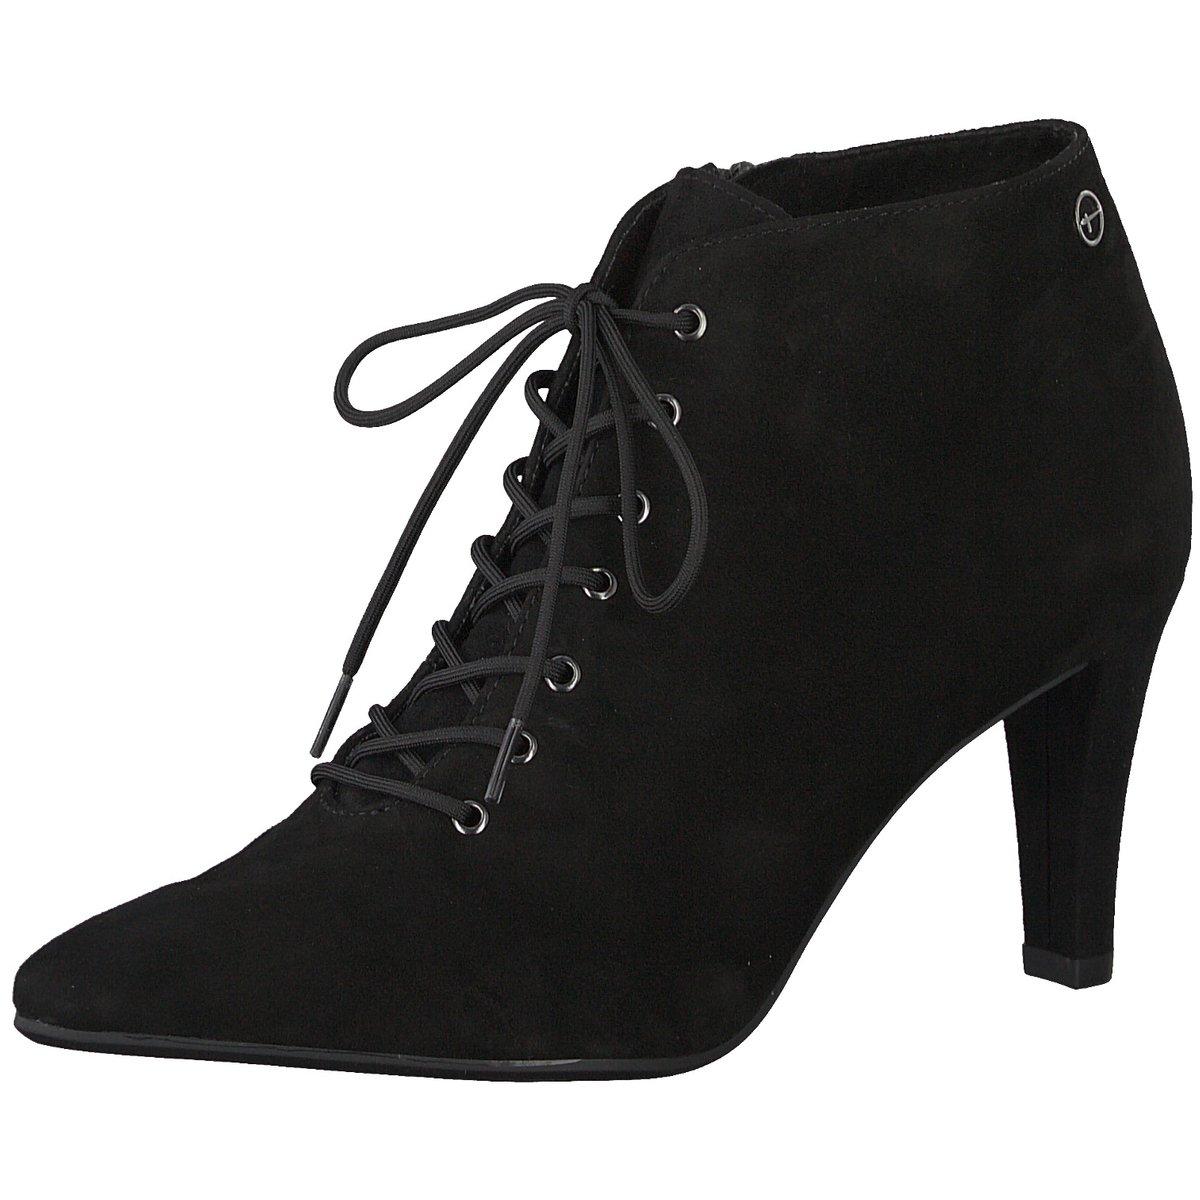 Tamaris Damen Stiefeletten 1-1-25153-31 001 schwarz 539703  | Flagship-Store  | Innovation  | Sale